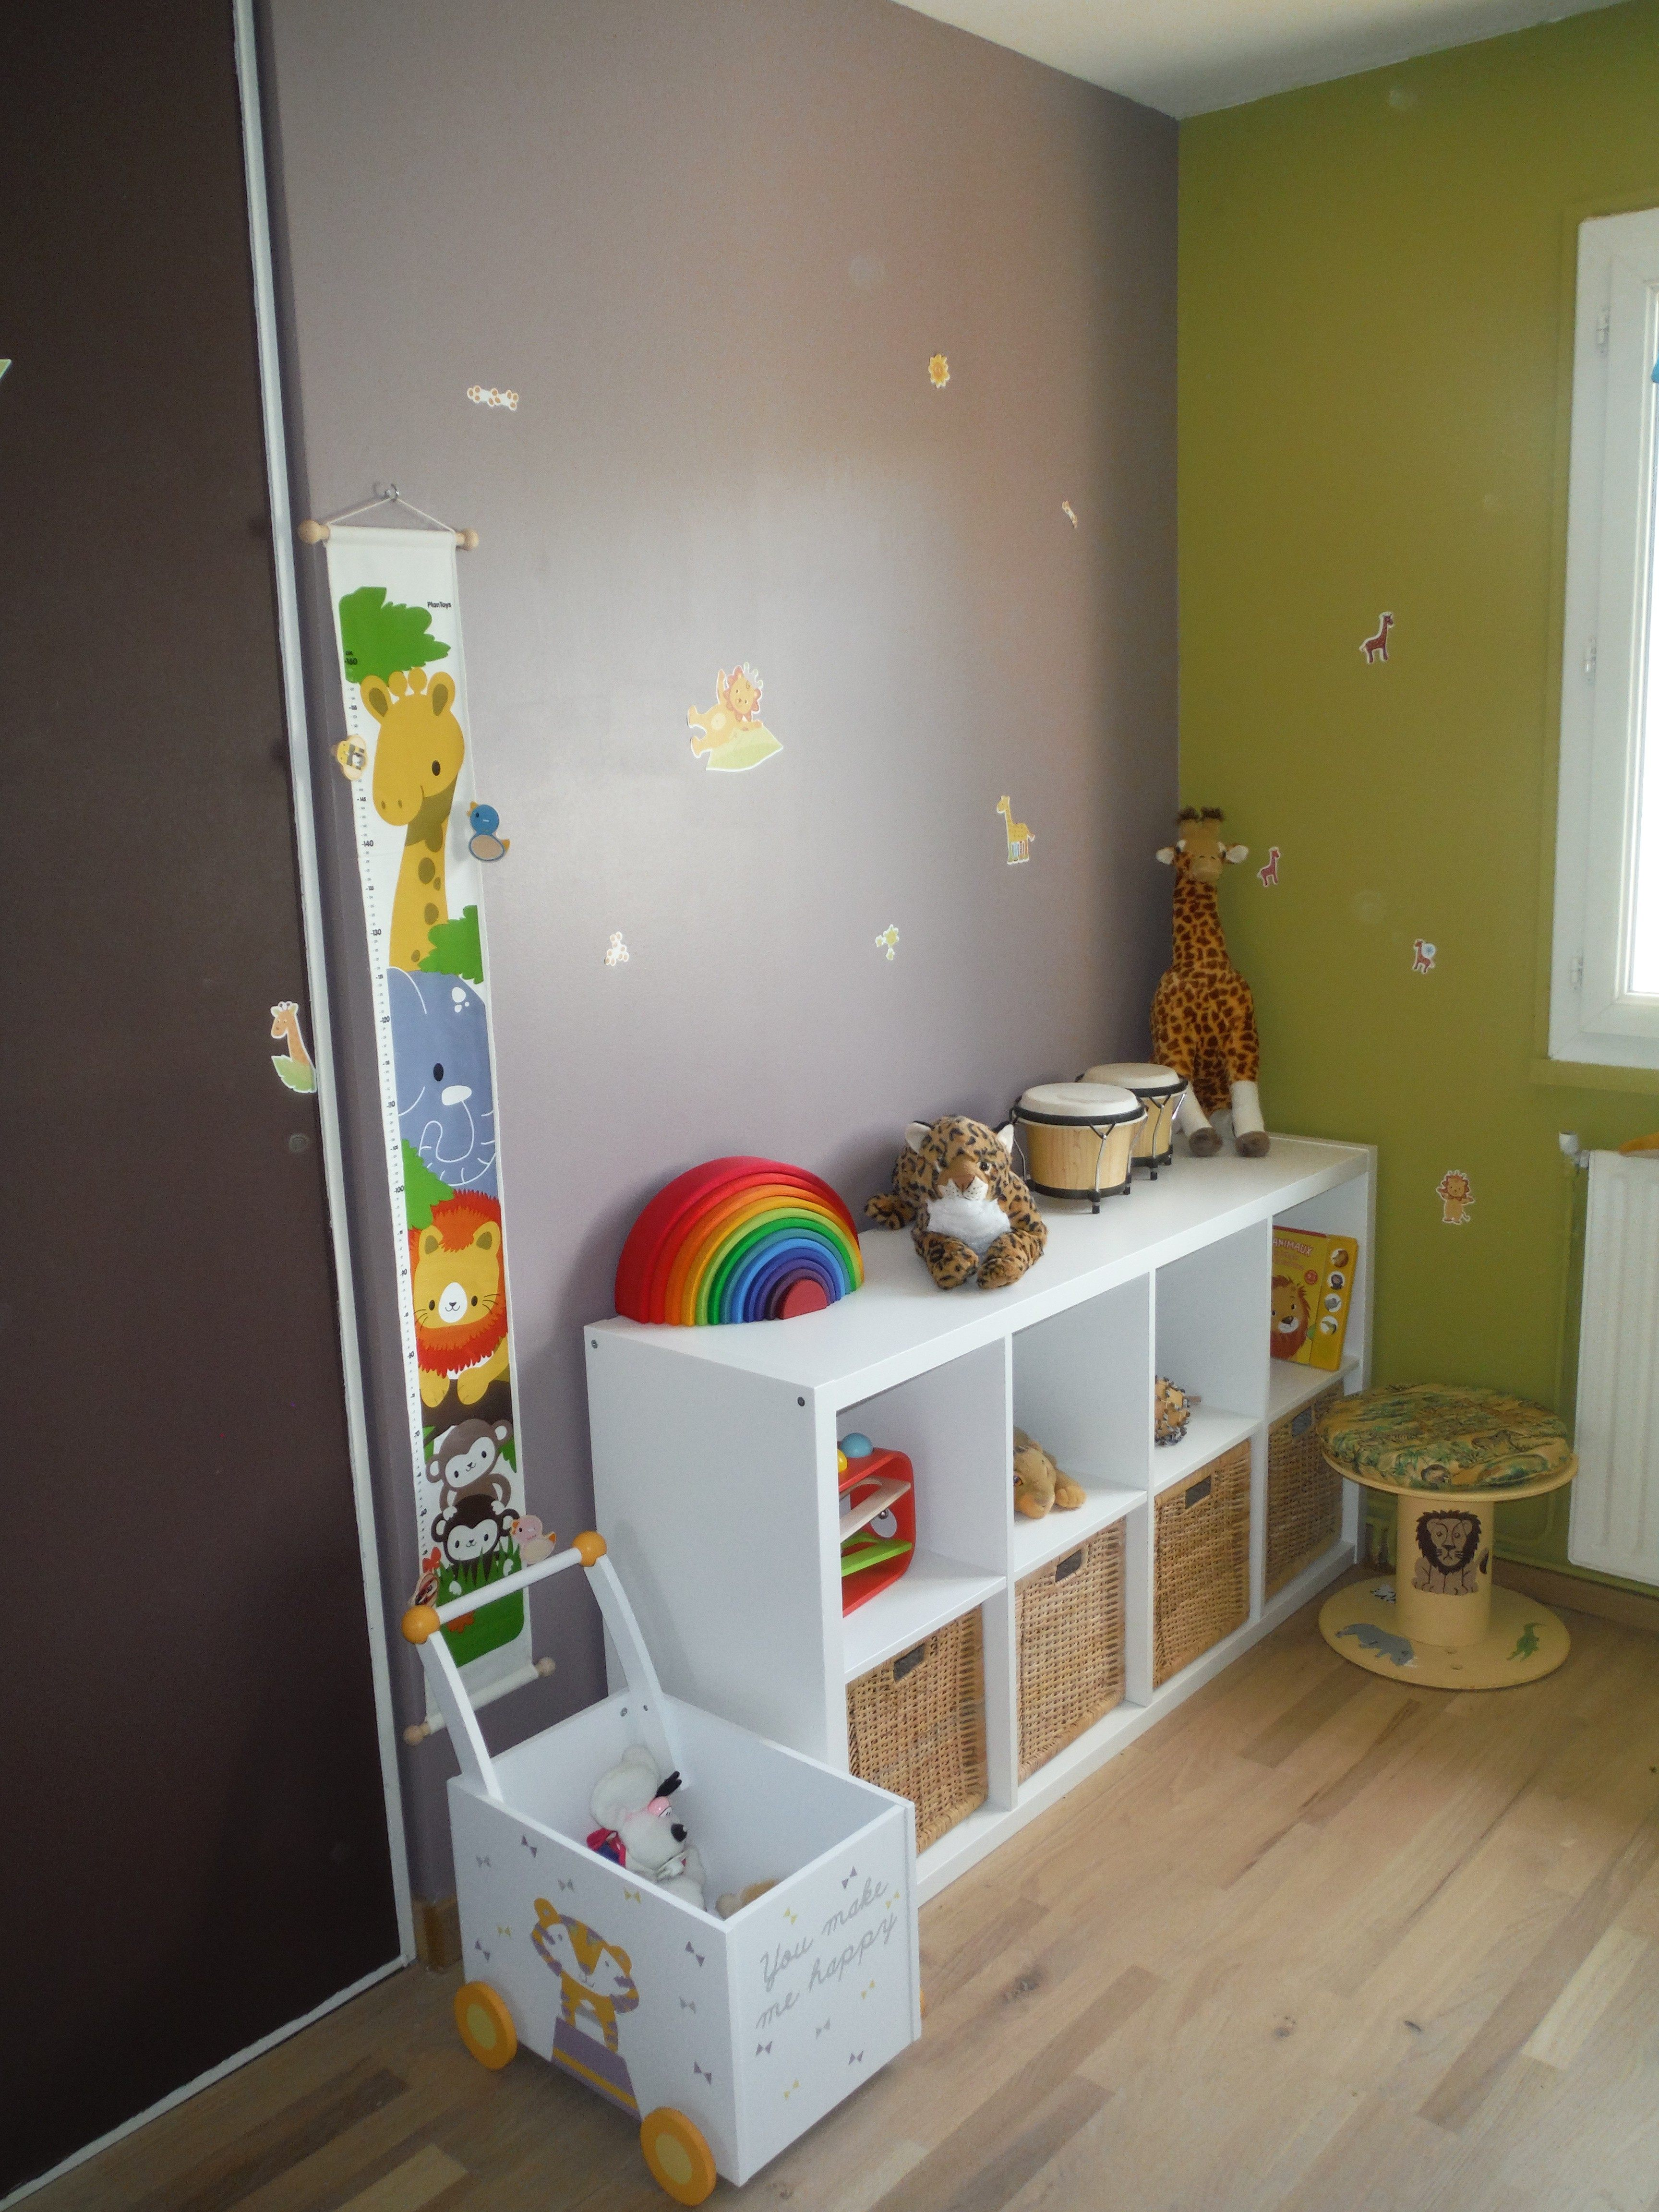 Quel Lit Pour Bébé Génial Chambre Bébé Montessori Unique Meuble Rangement Chambre Garcon 19 B